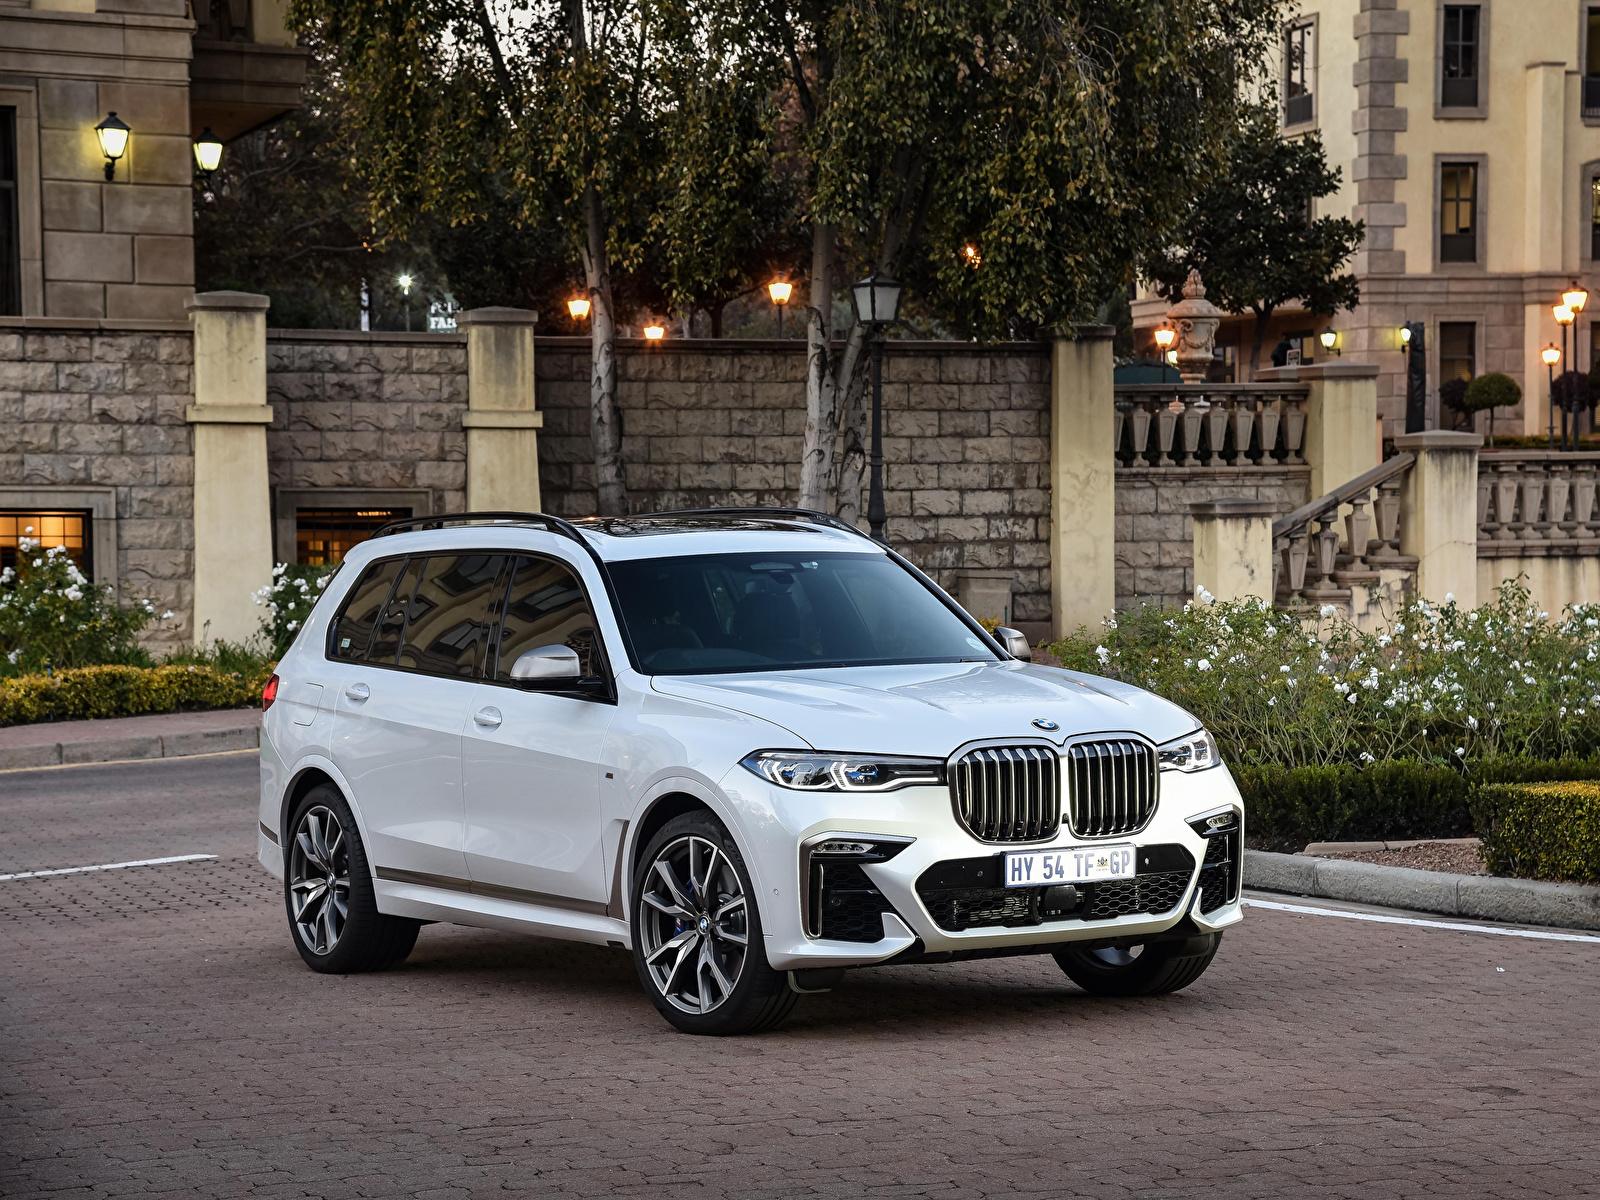 Картинка BMW Кроссовер 2019 X7 M50d Белый машина Металлик 1600x1200 БМВ CUV белая белые белых авто машины Автомобили автомобиль